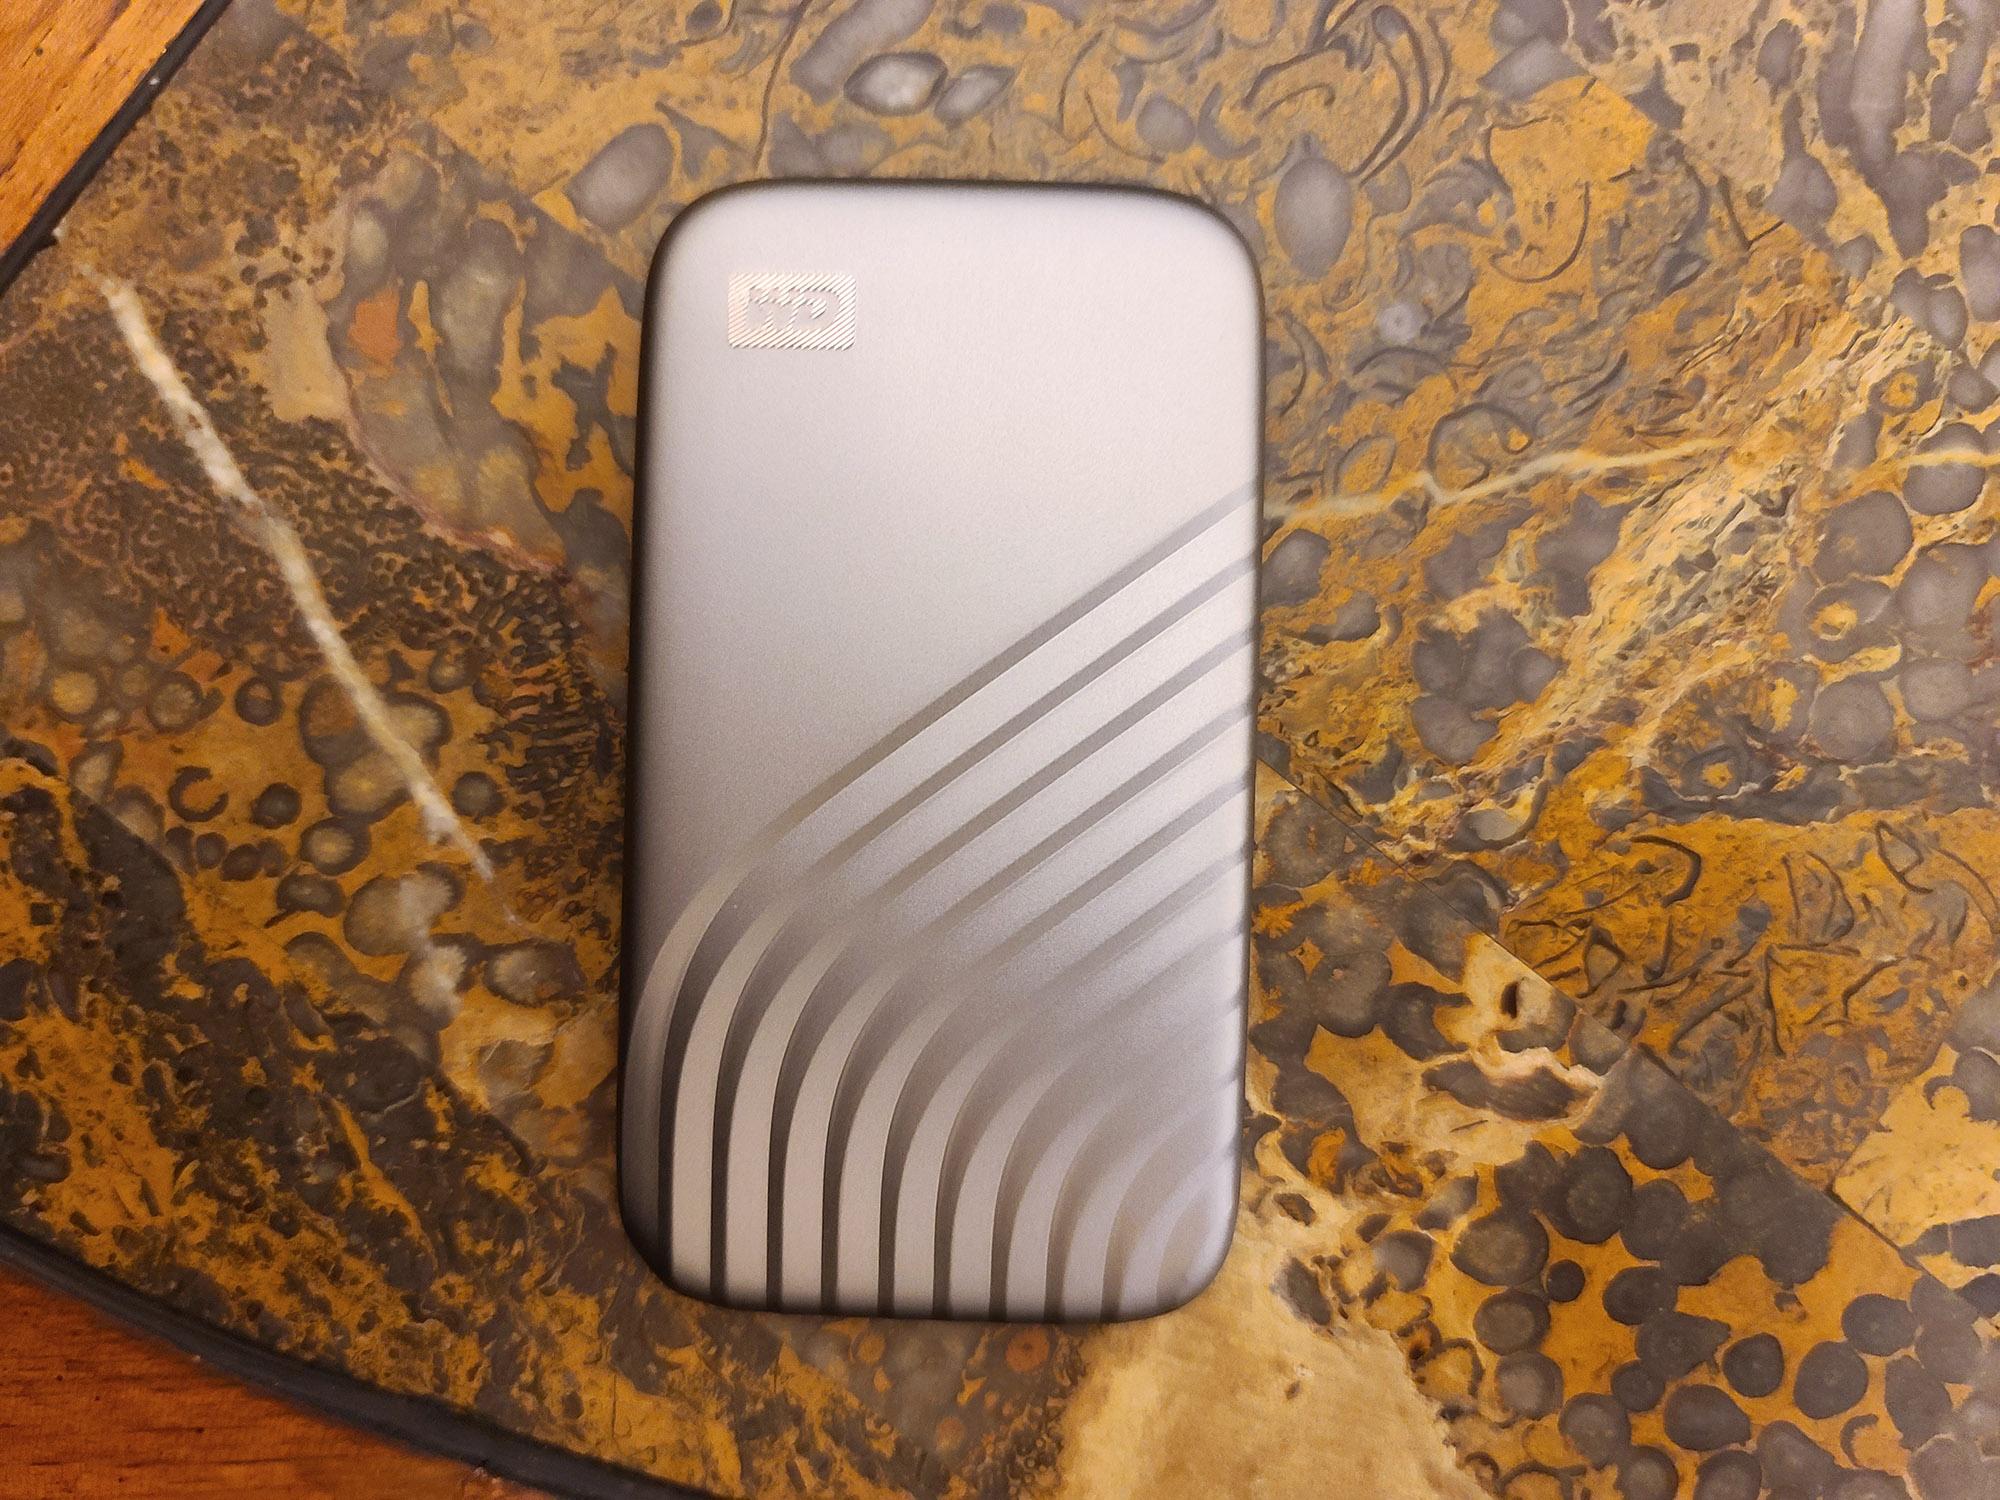 Best external hard drives: WD My Passport SSD (1TB)